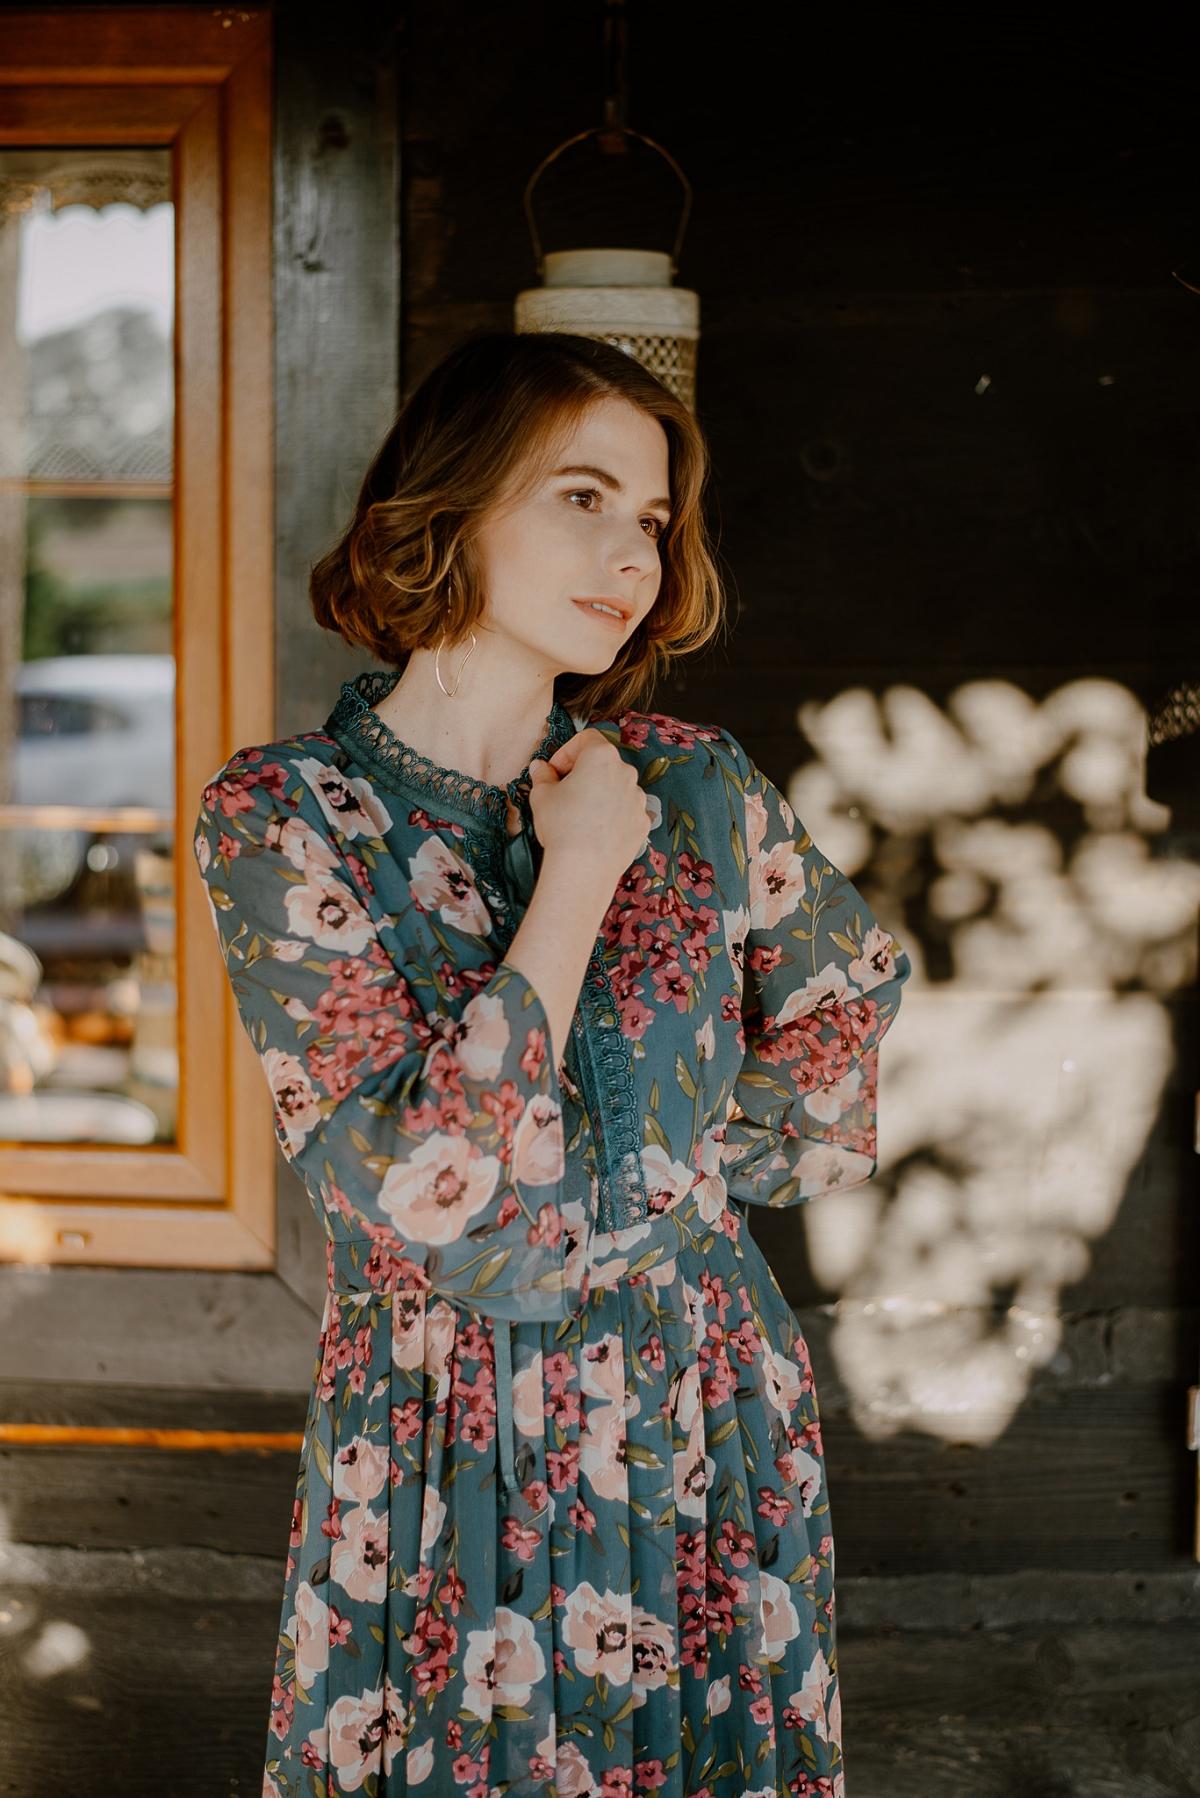 zwiewna sukienka jak nosić jesienią